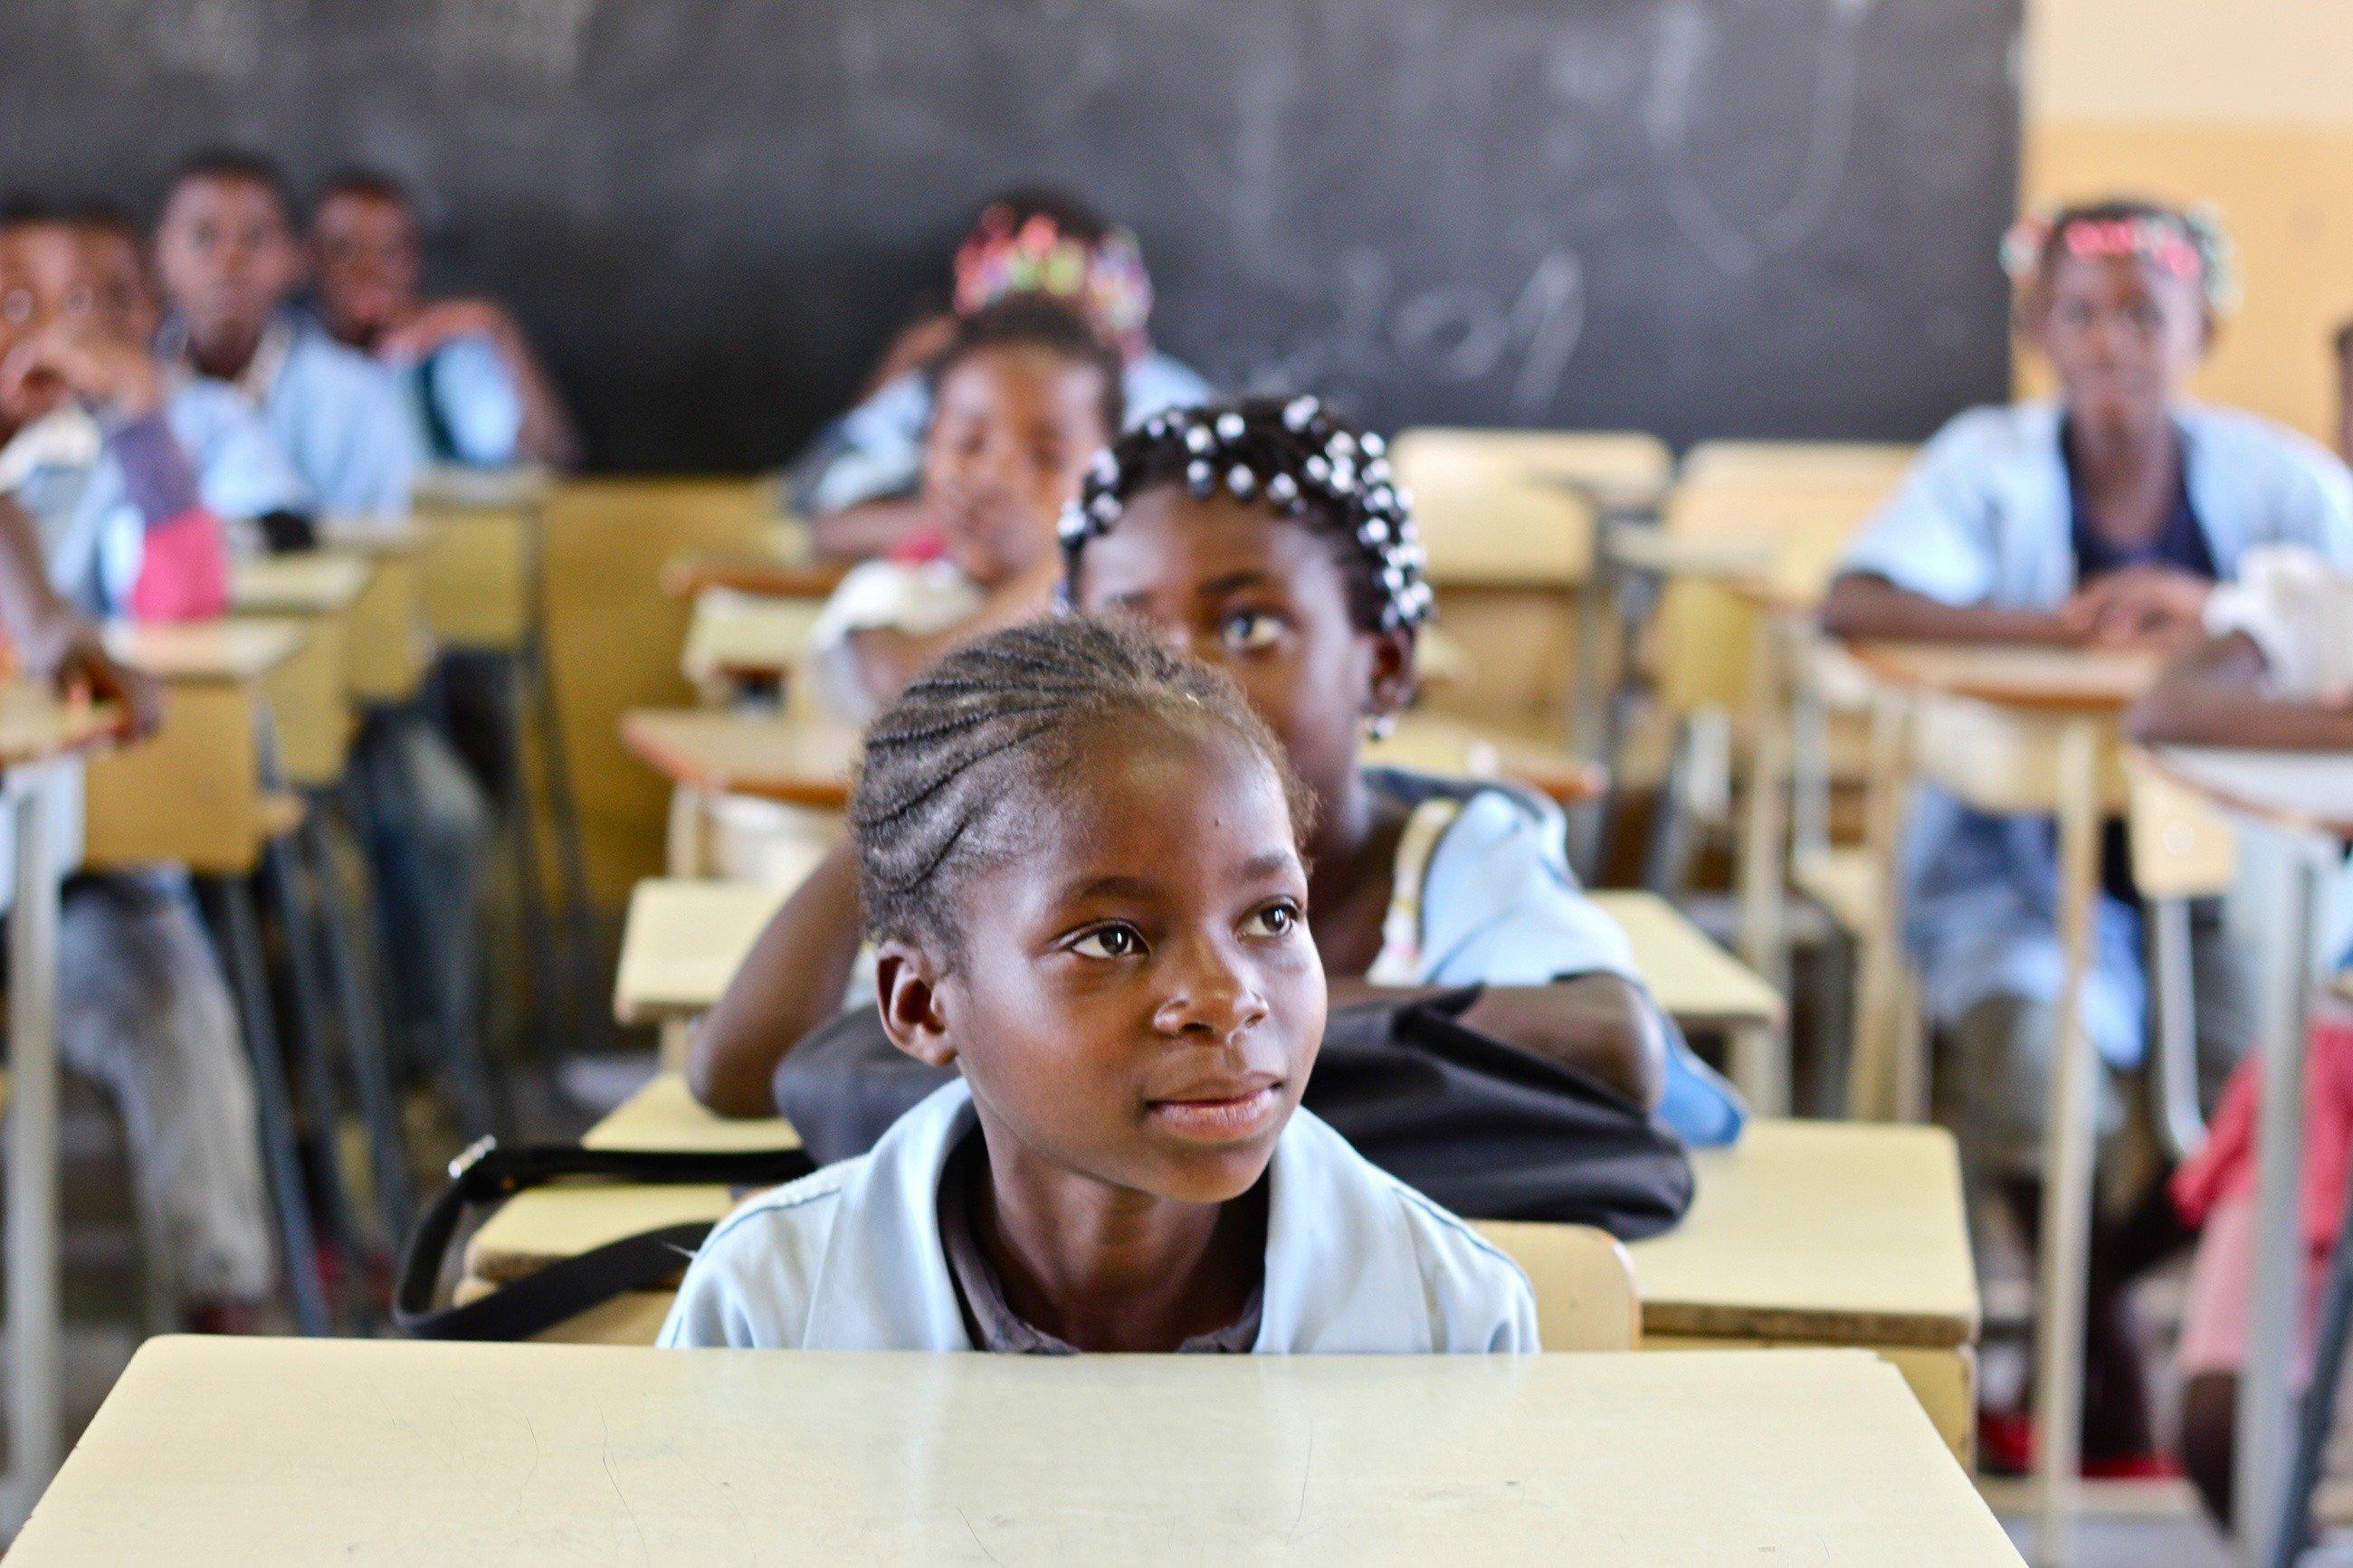 Ein afrikanisches Mädchen verfolgt aufmerksam den Unterricht.